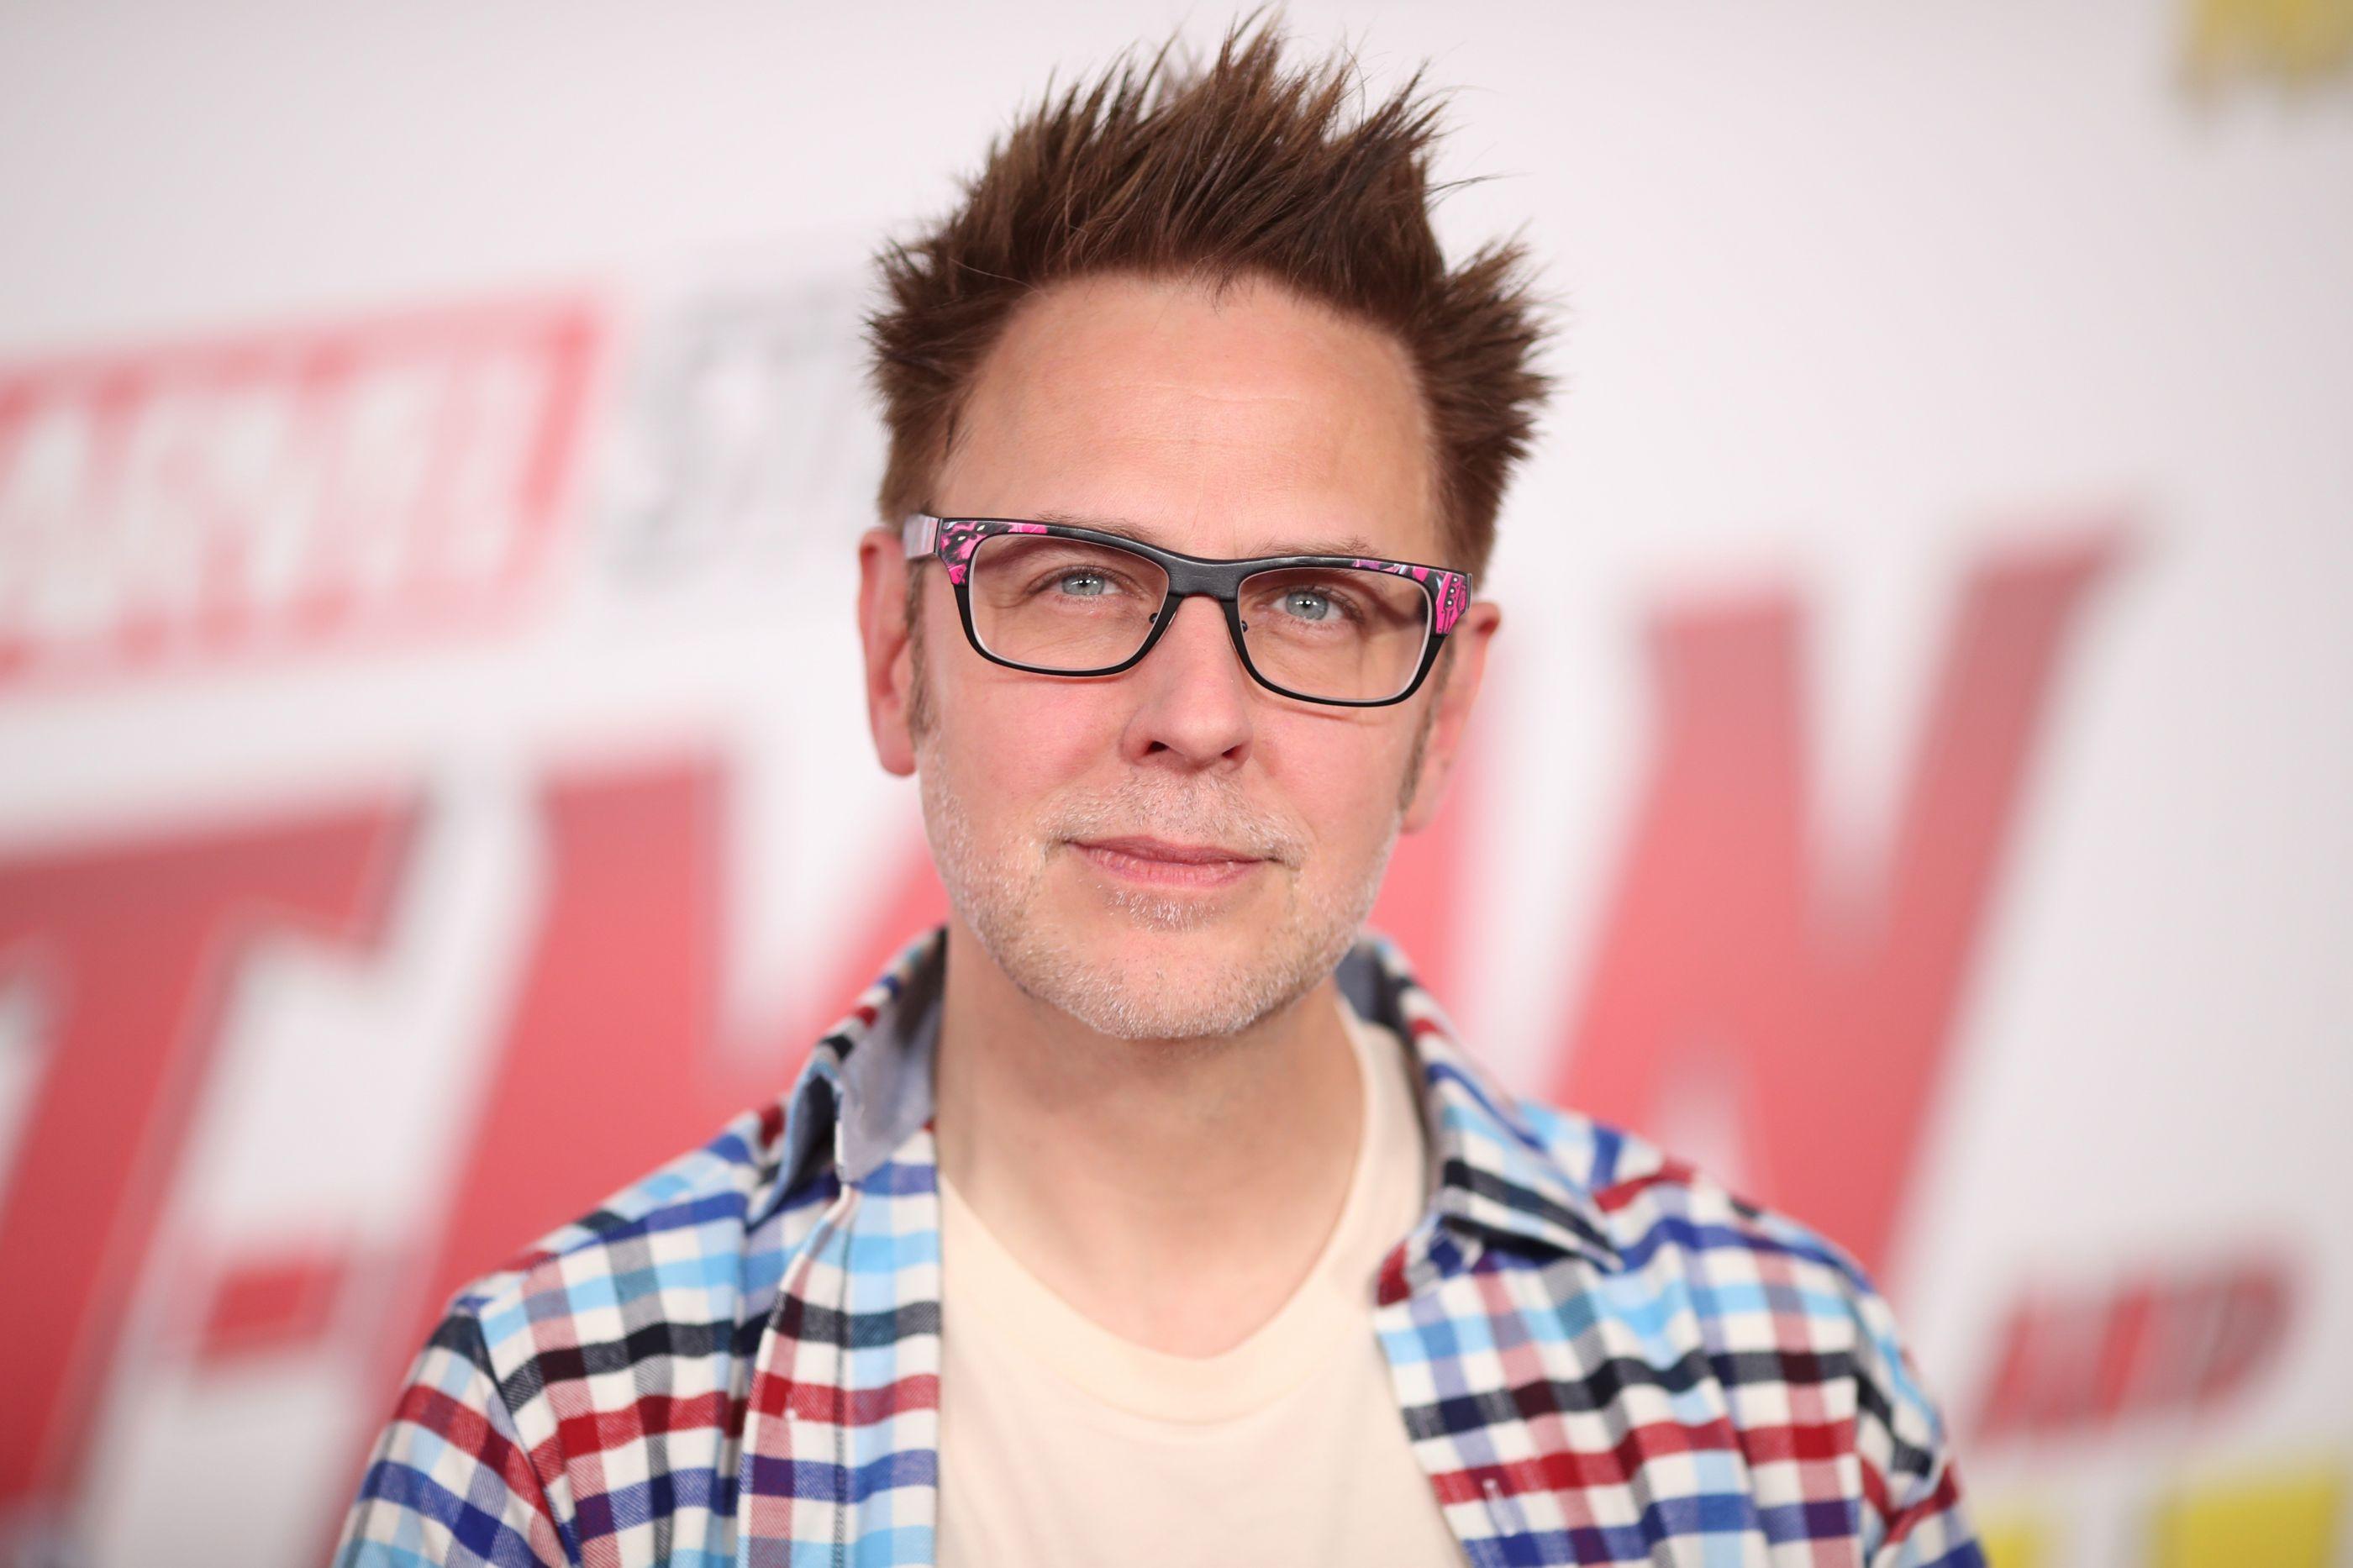 Disney voltou a contratar James Gunn para novo 'Guardians of the Galaxy'